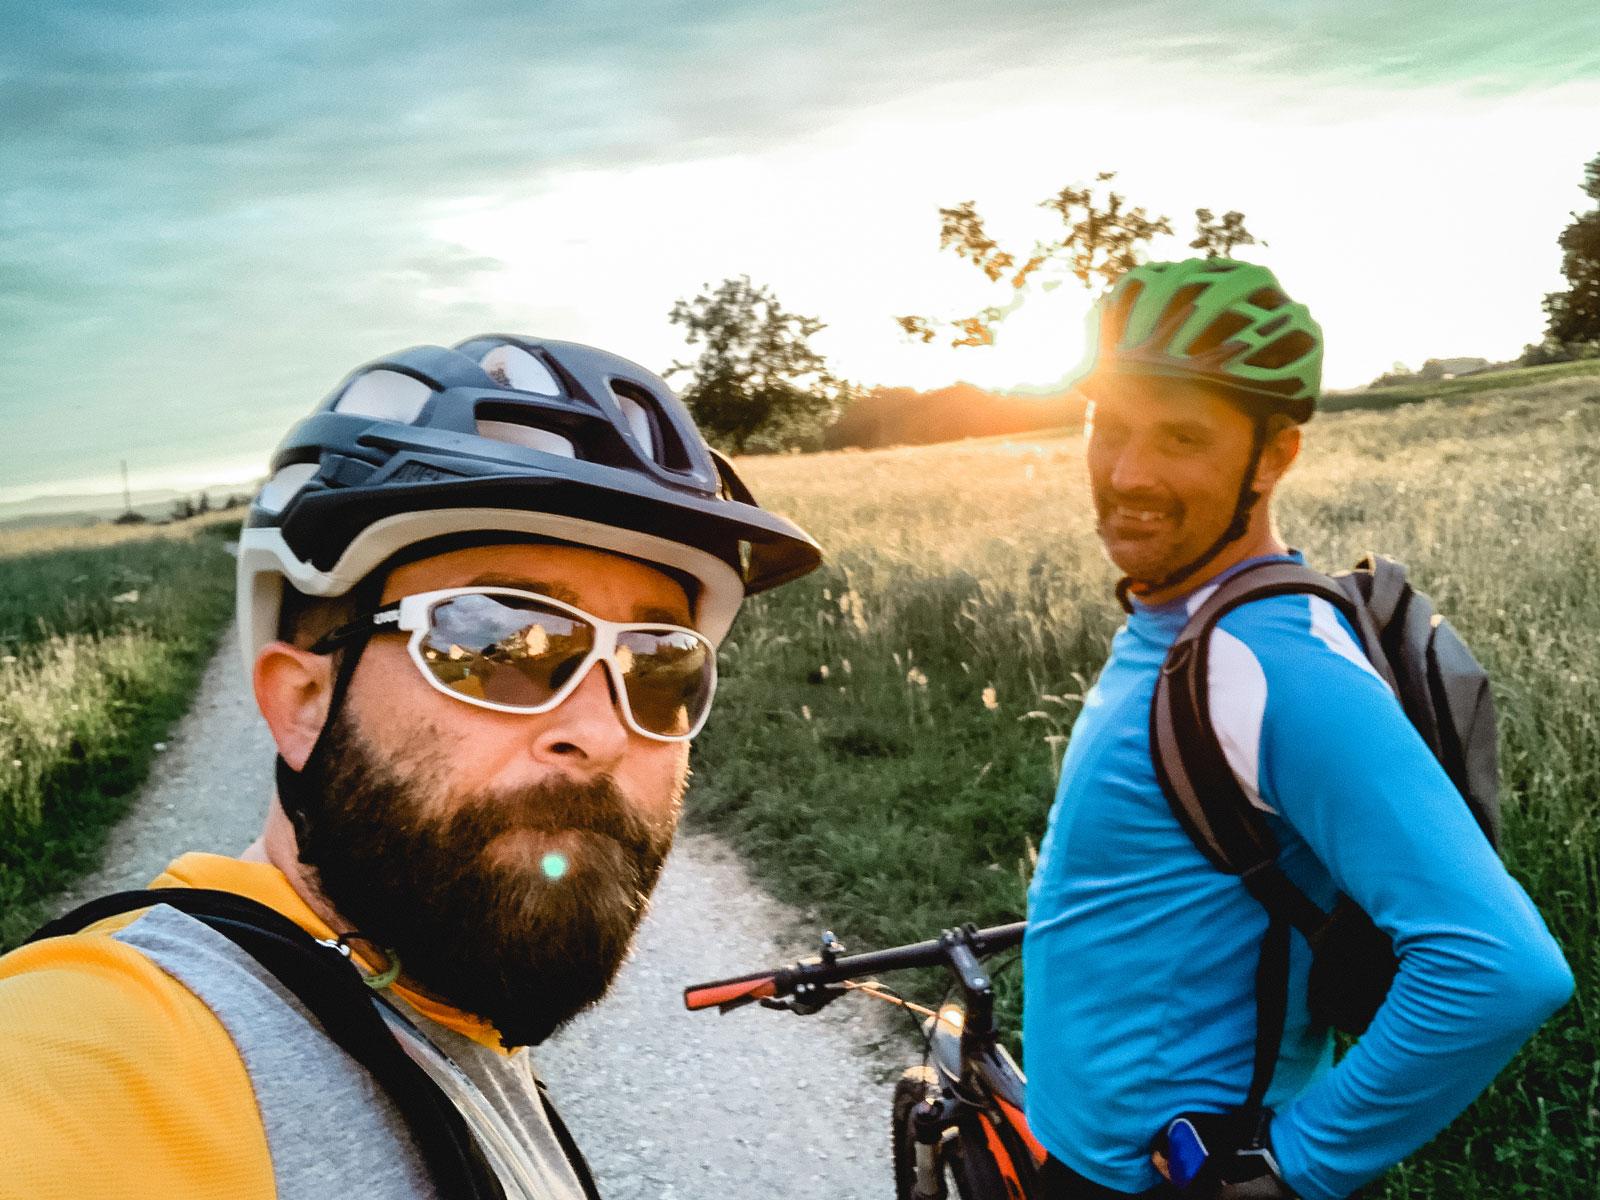 Wer ist Bike4Plausch